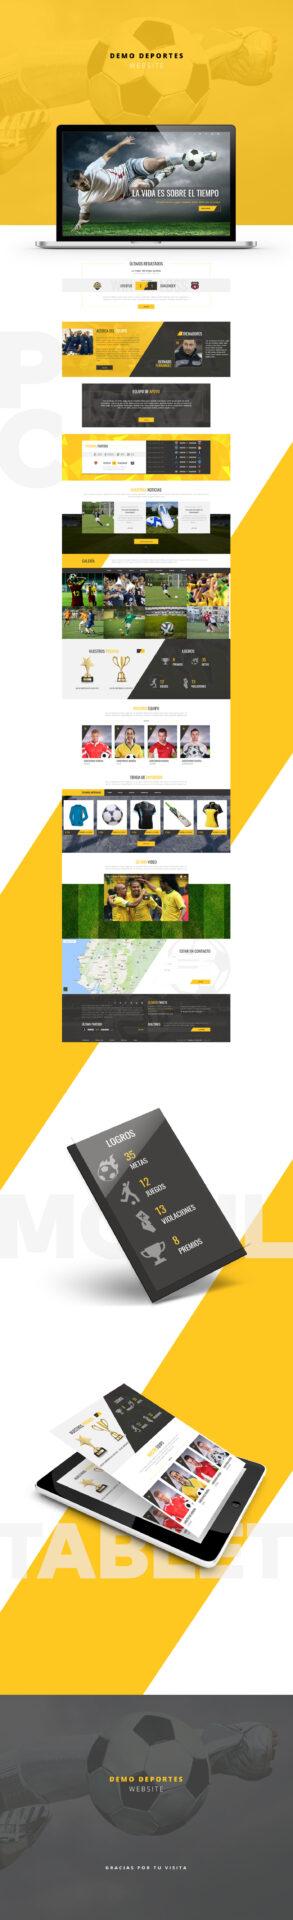 Diseño página web para deportes ecuador